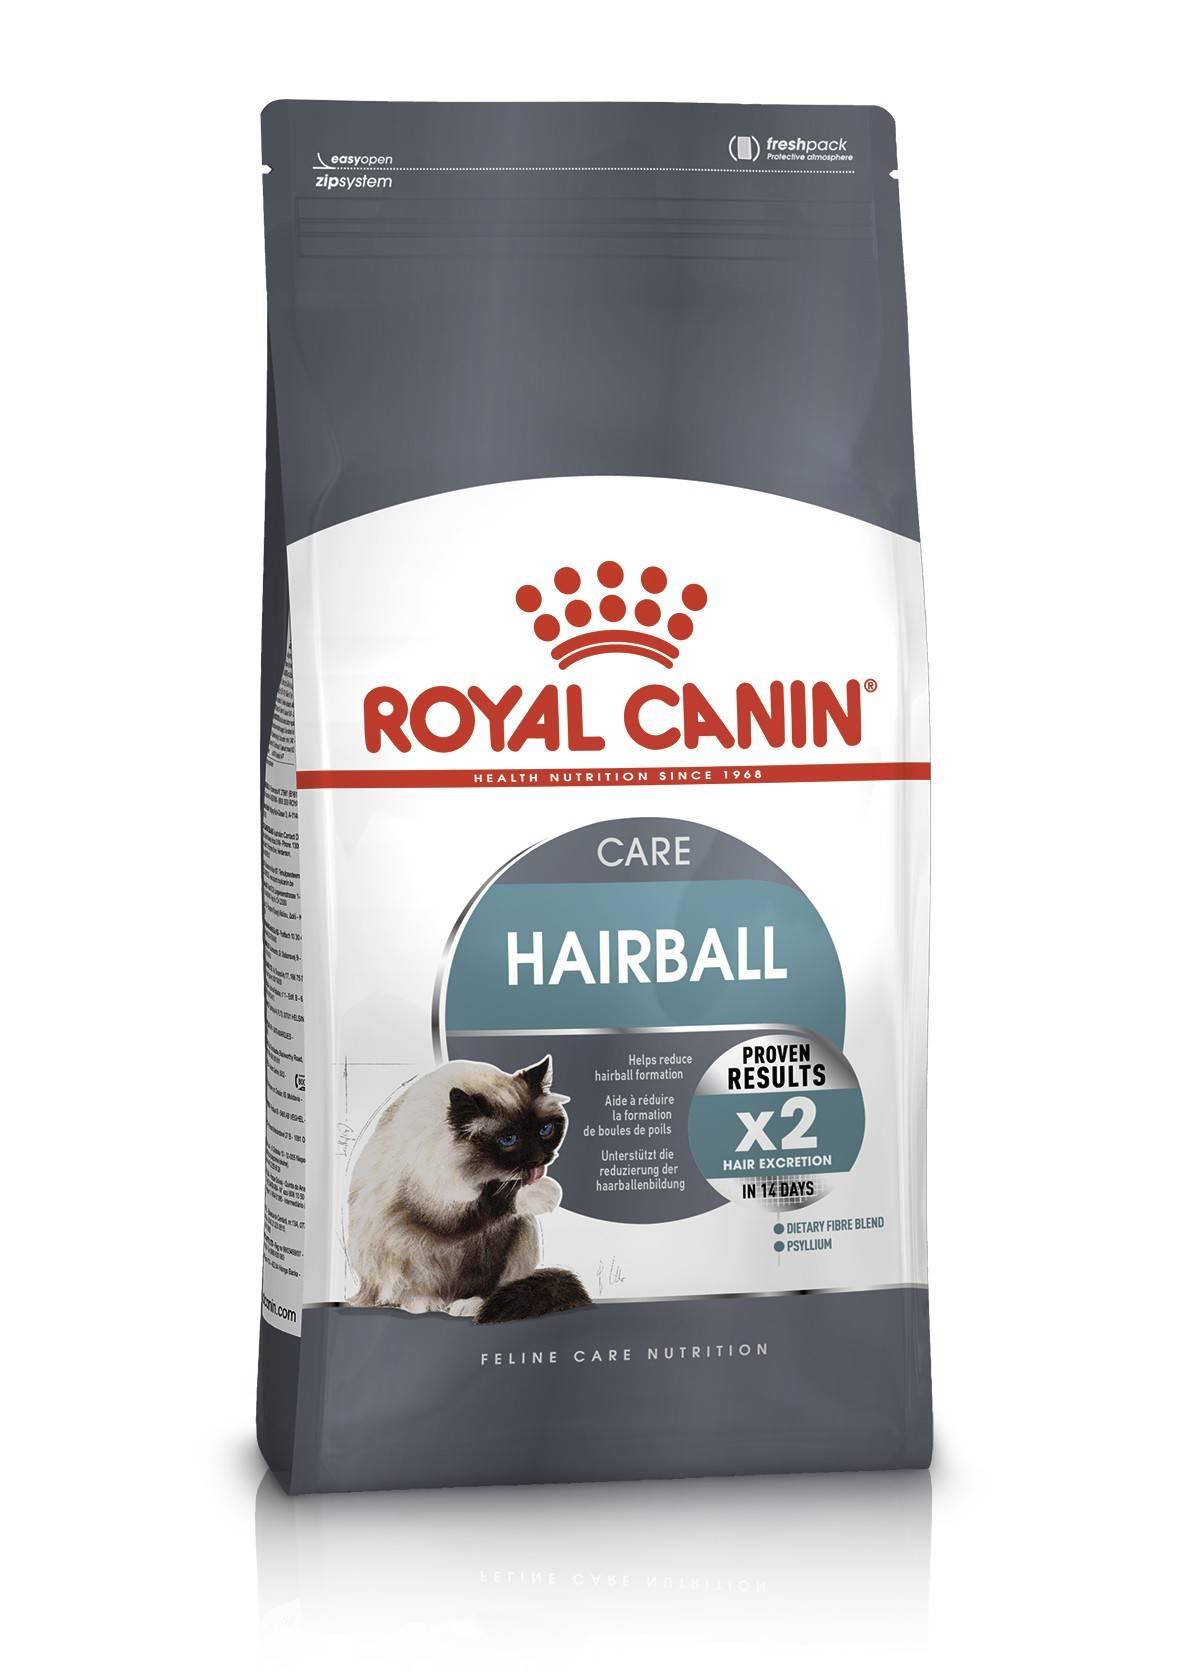 ROYAL CANIN HAIRBALL CARE – сухий корм для дорослих котів для виведення грудочок шерсті